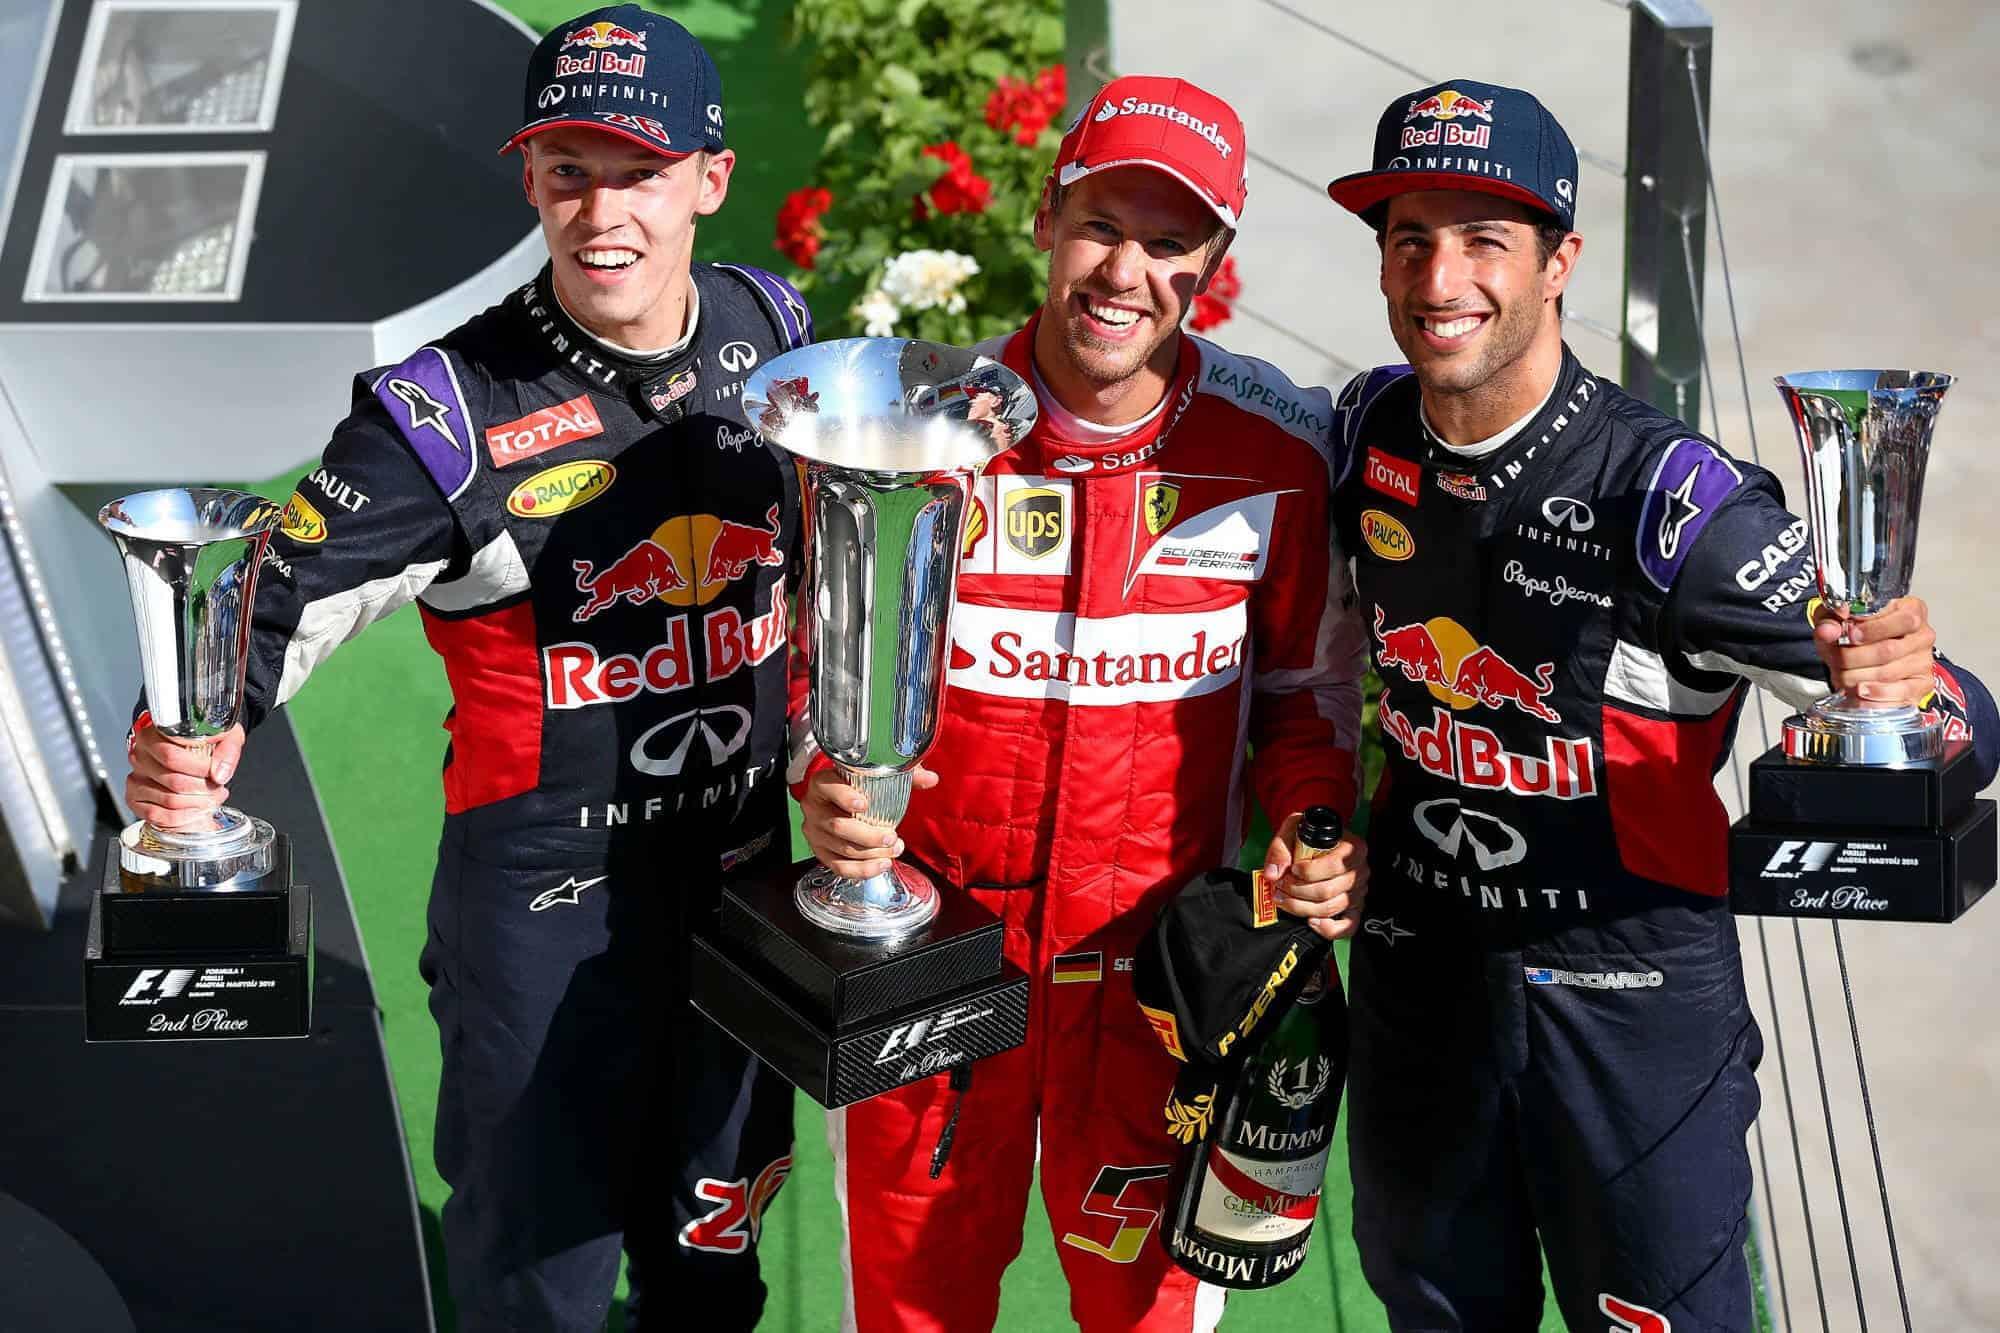 Vettel Kvyat Ricciardo Hungarian GP F1 2015 podium Photo Red Bull